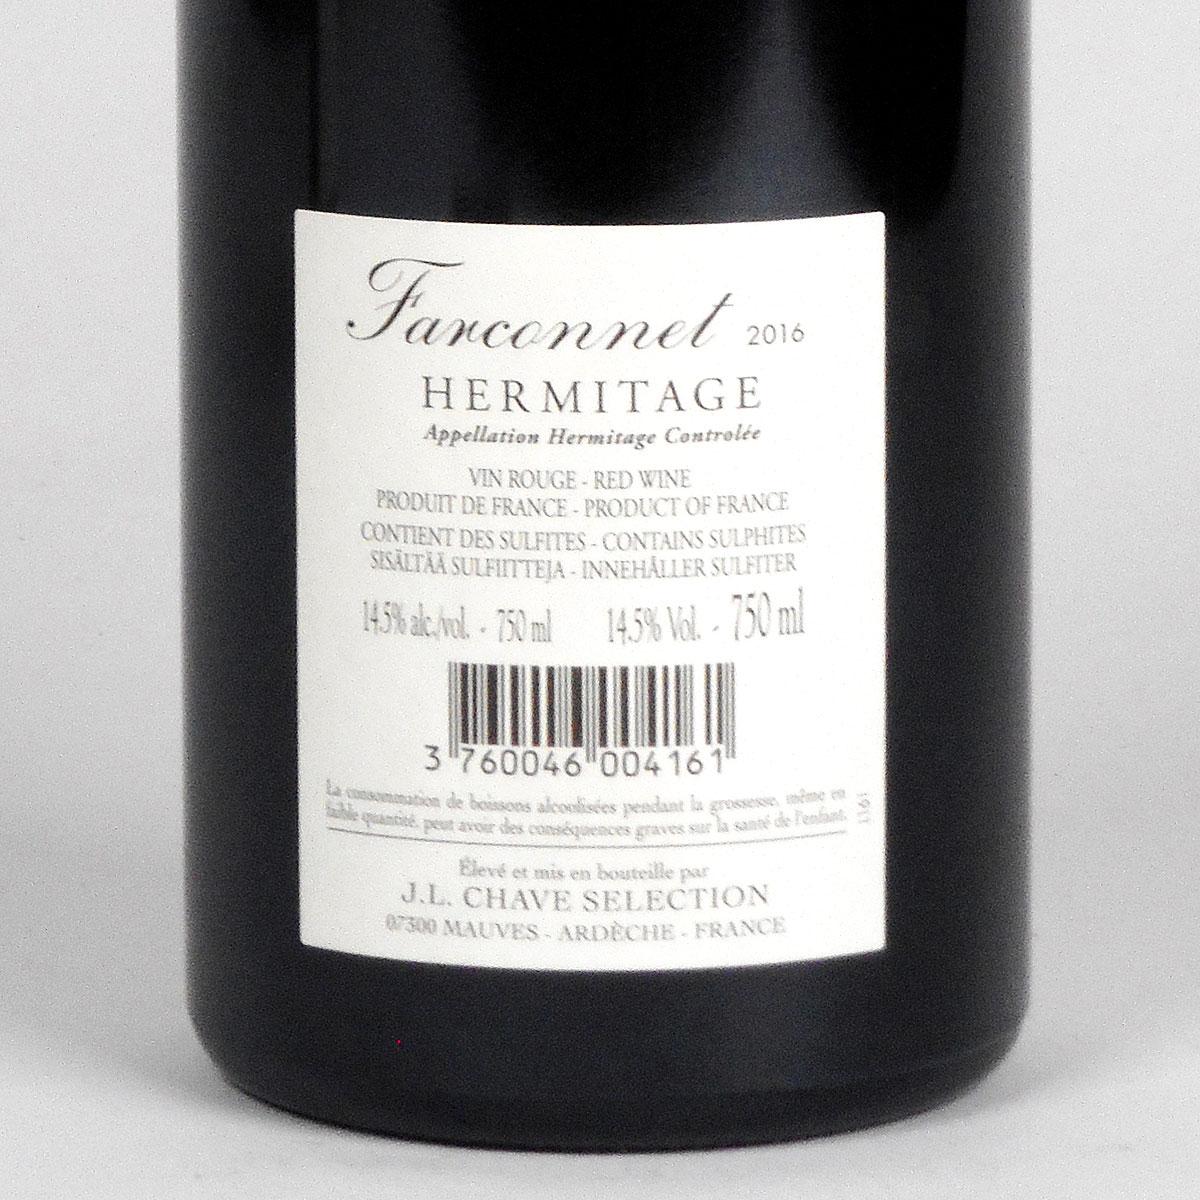 Hermitage: Jean-Louis Chave Sélection 'Farconnet' Rouge 2016 - Bottle Rear Label